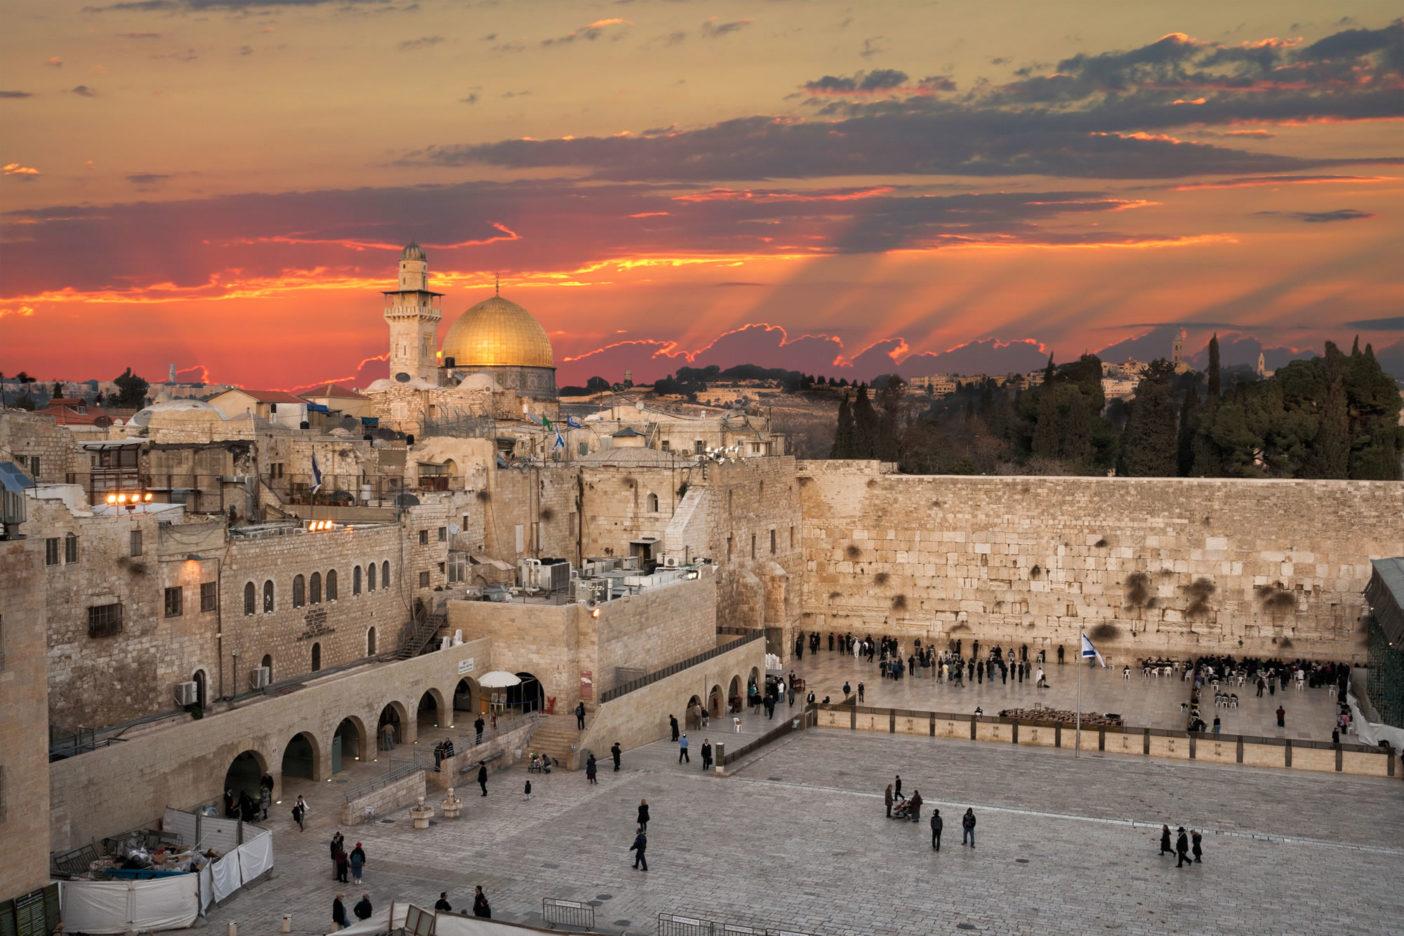 Messiási zsidó dicsőítés